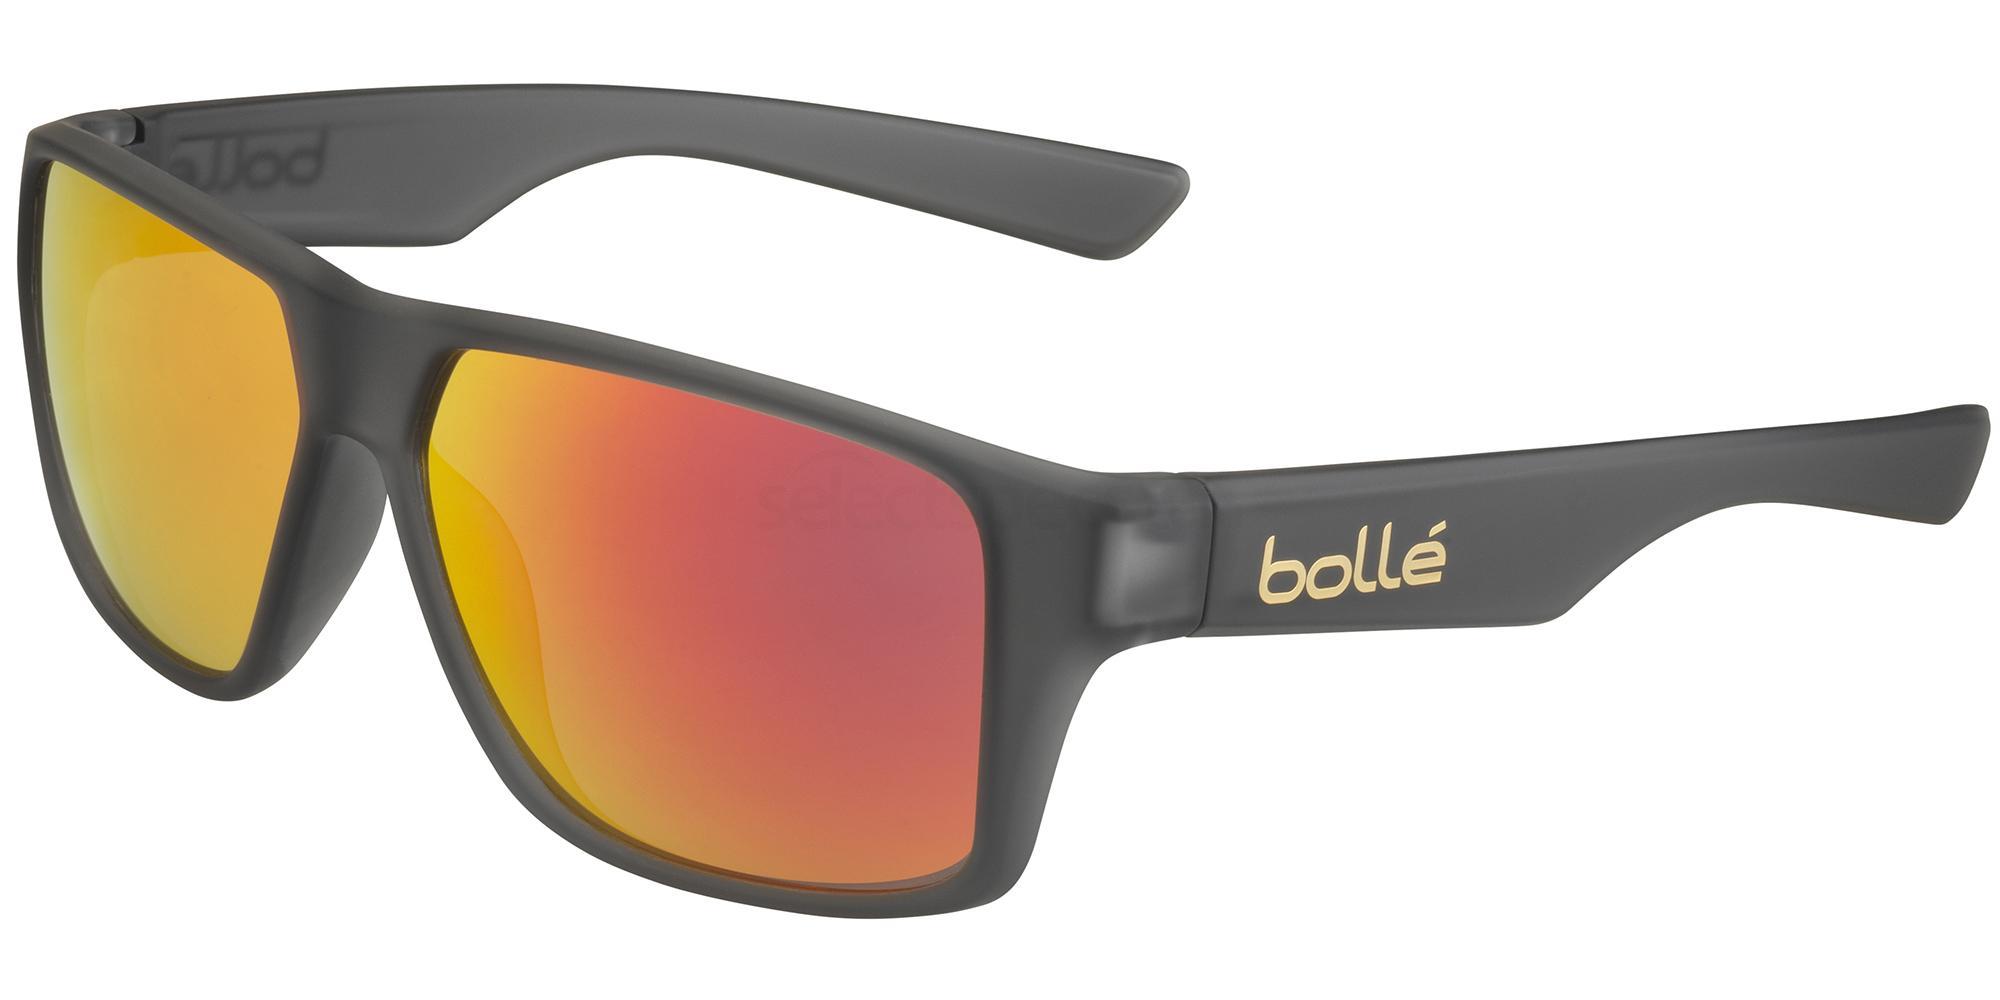 12429 Brecken Sunglasses, Bolle